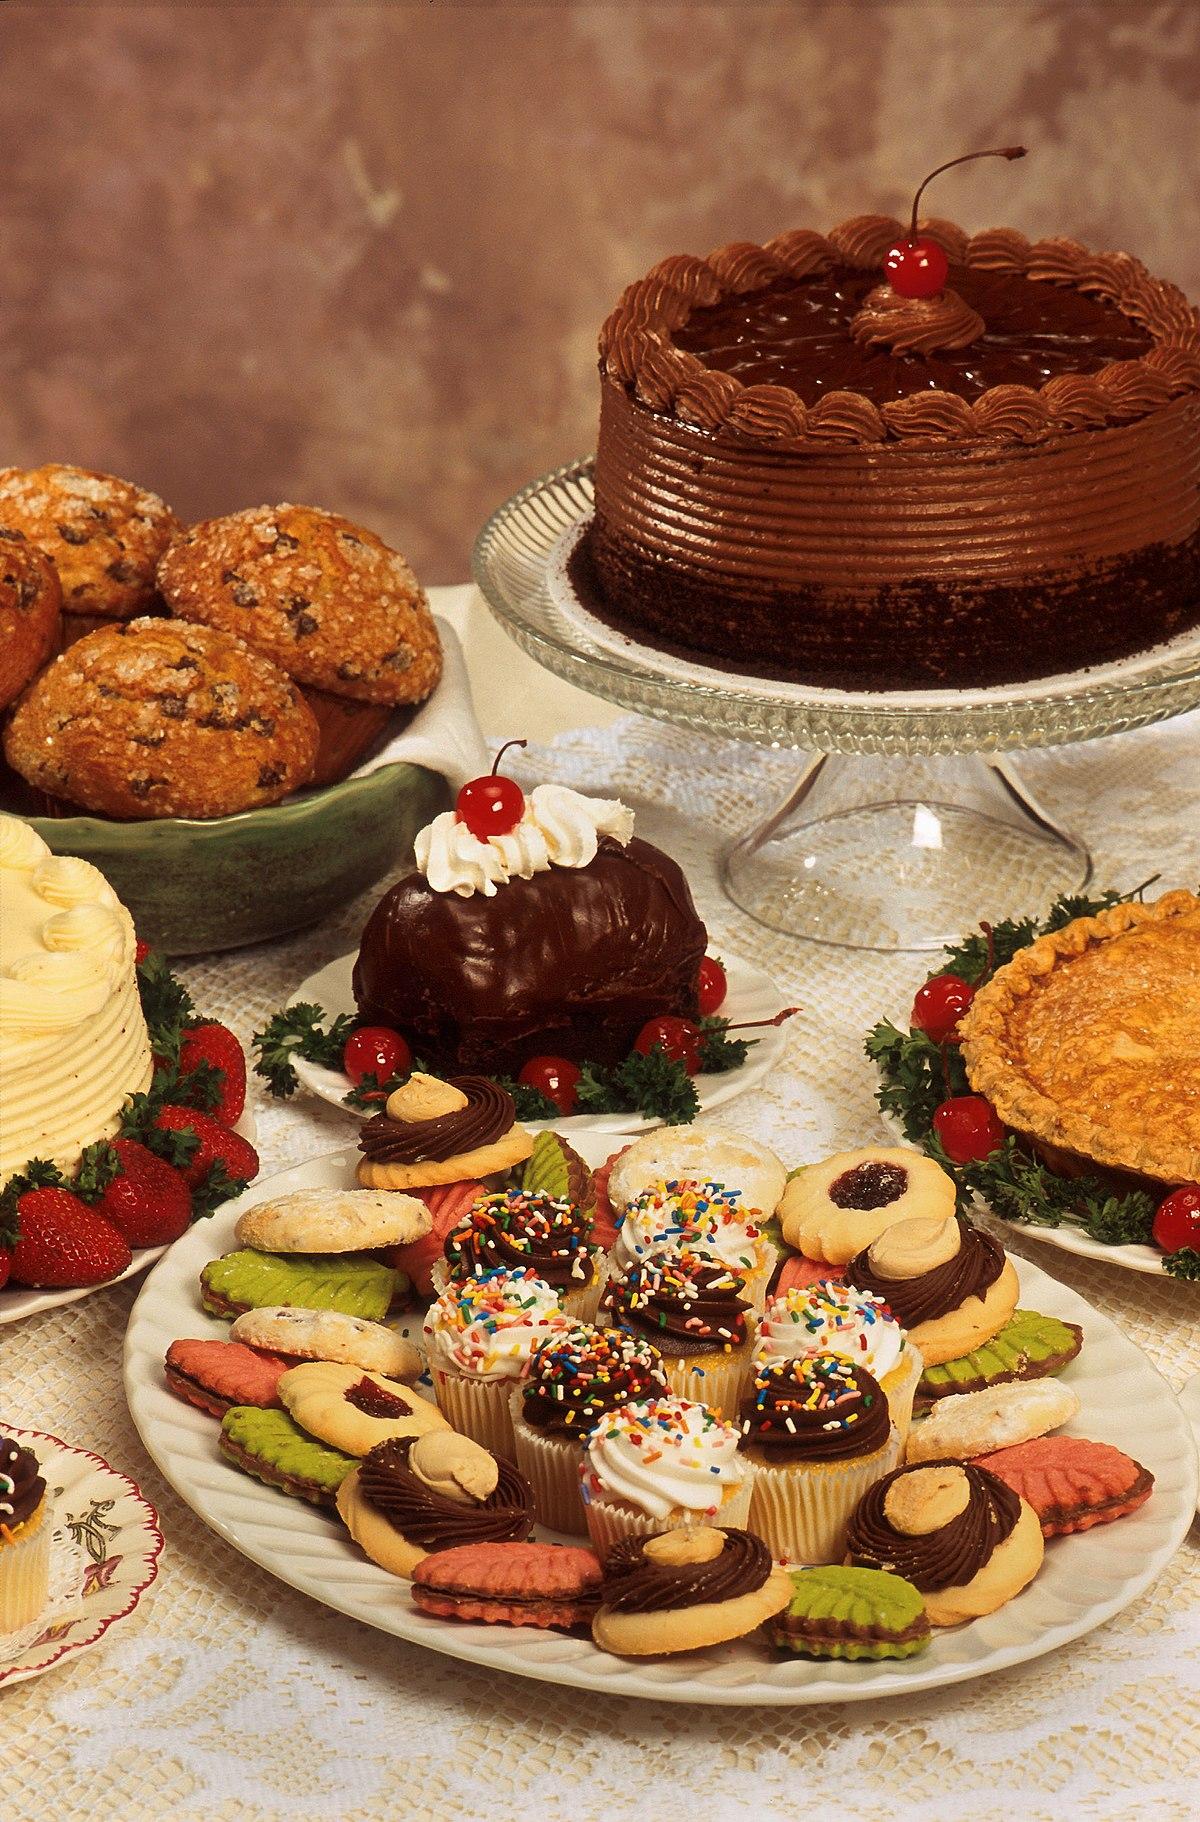 Happy Easter Artinya : happy, easter, artinya, Dessert, Wikipedia